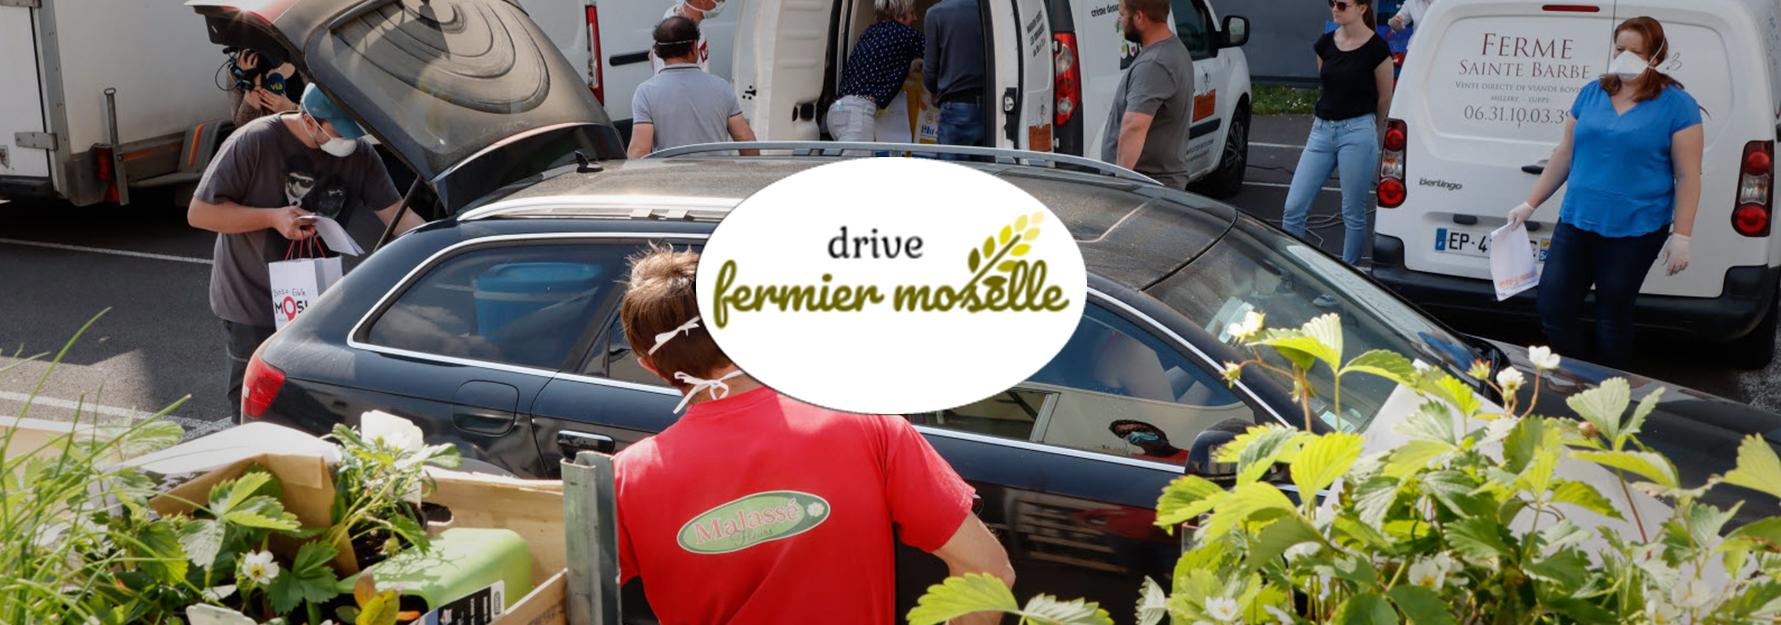 ALIMENTATION LOCALE ET DURABLE : UN DRIVE FERMIER OUVRE EN MOSELLE